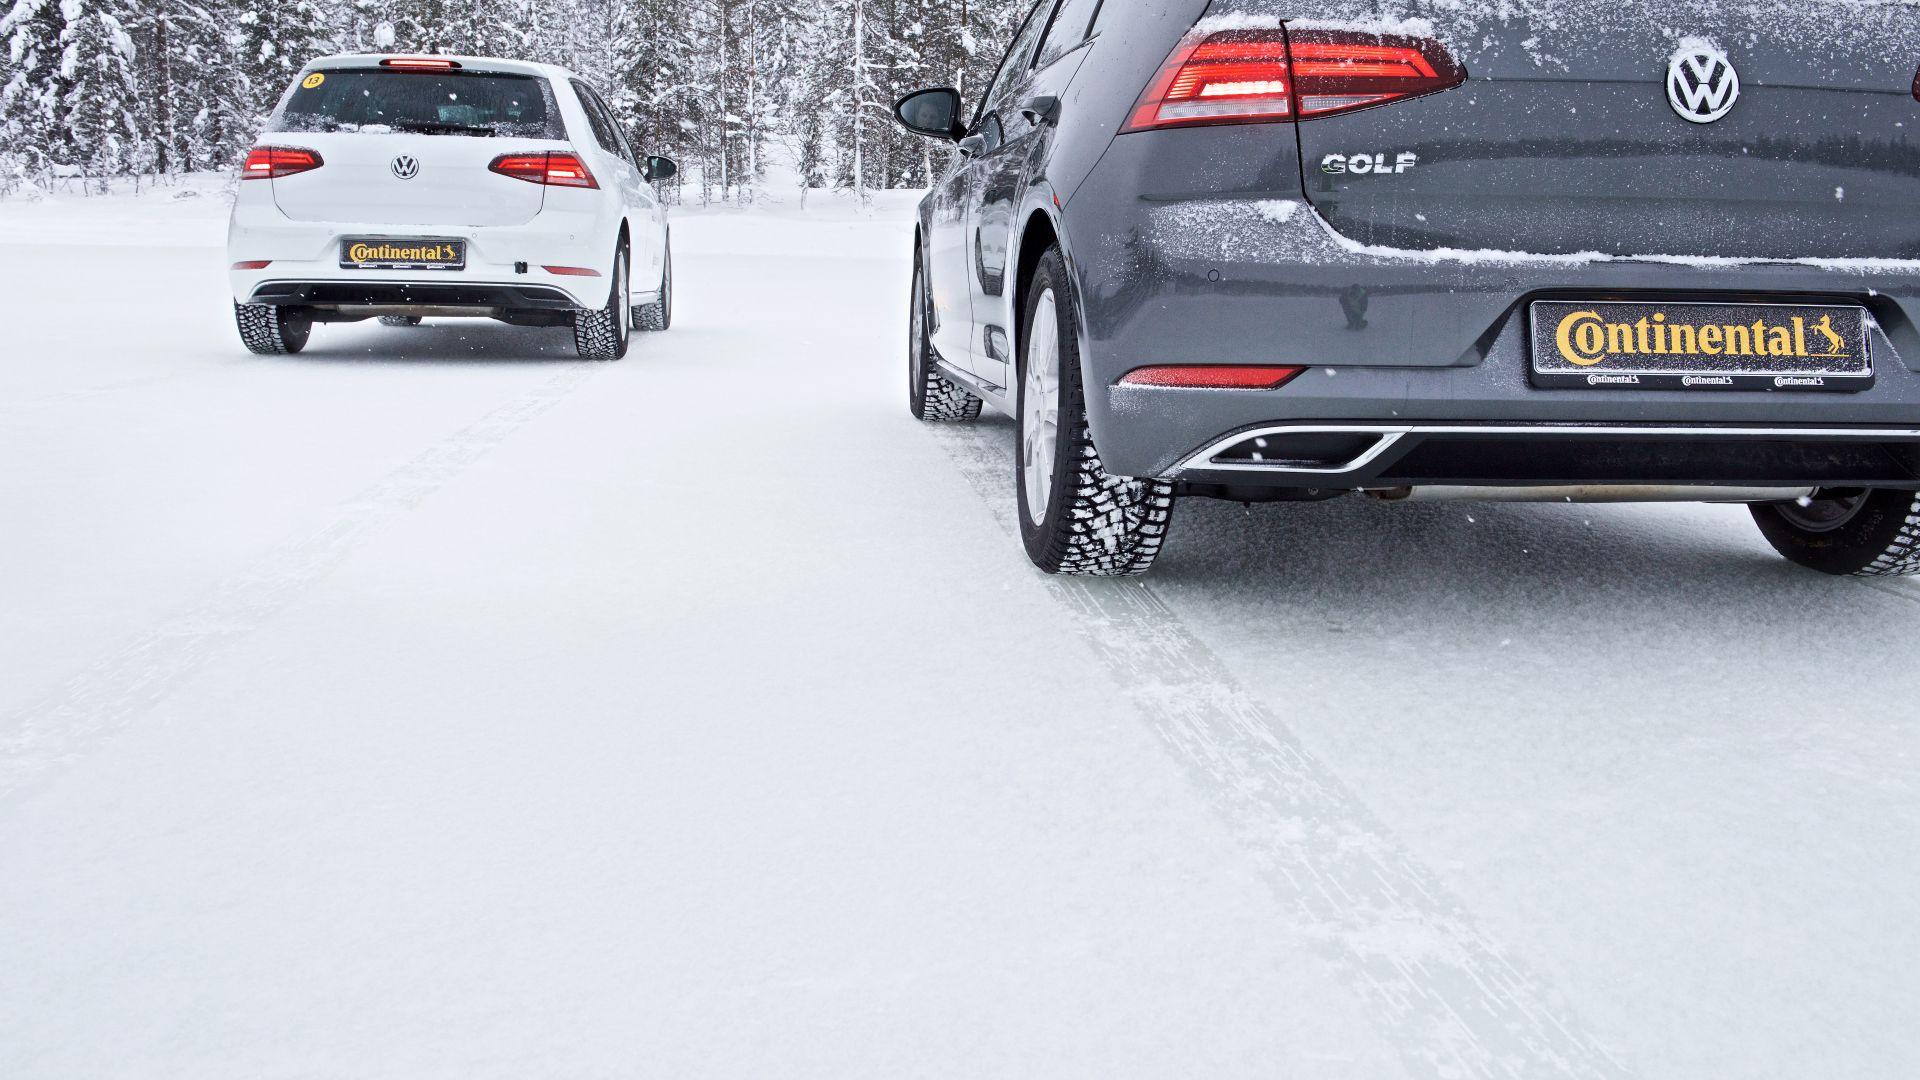 Ако живеете в планината, то задължително изберете зимните гуми